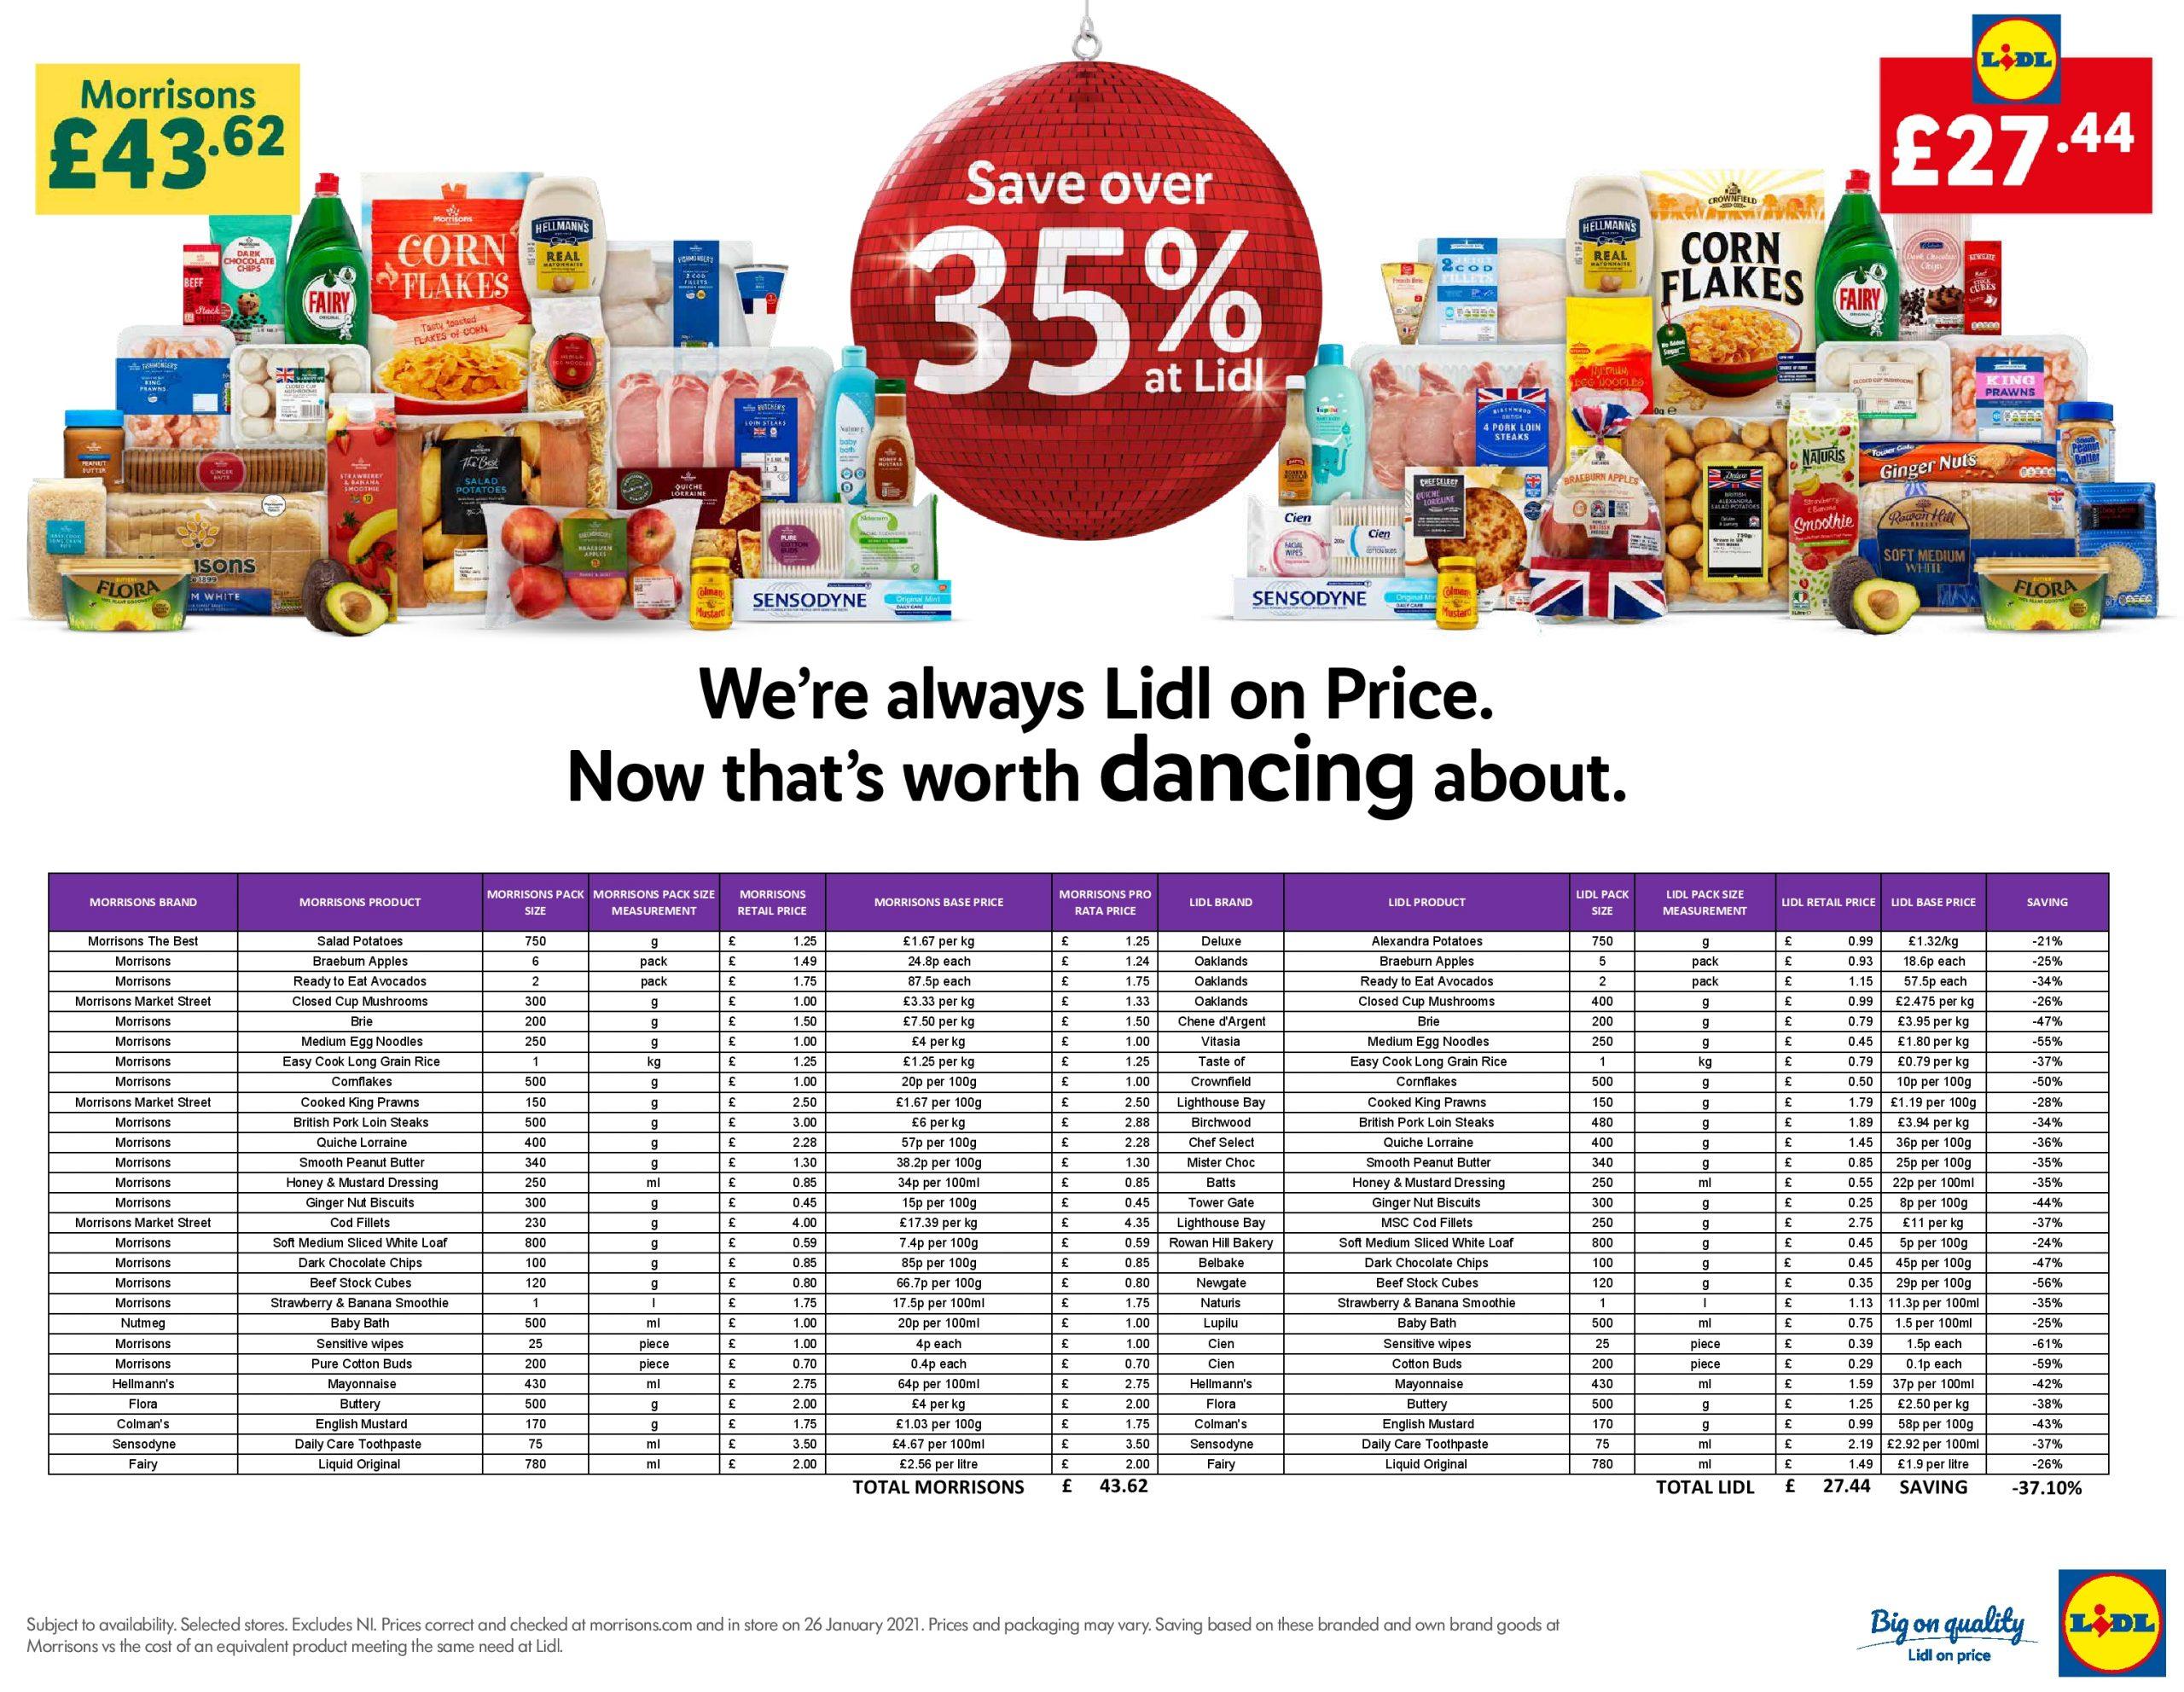 LiDL VS Morrisons Price Comparison! Save over 35% At LiDL